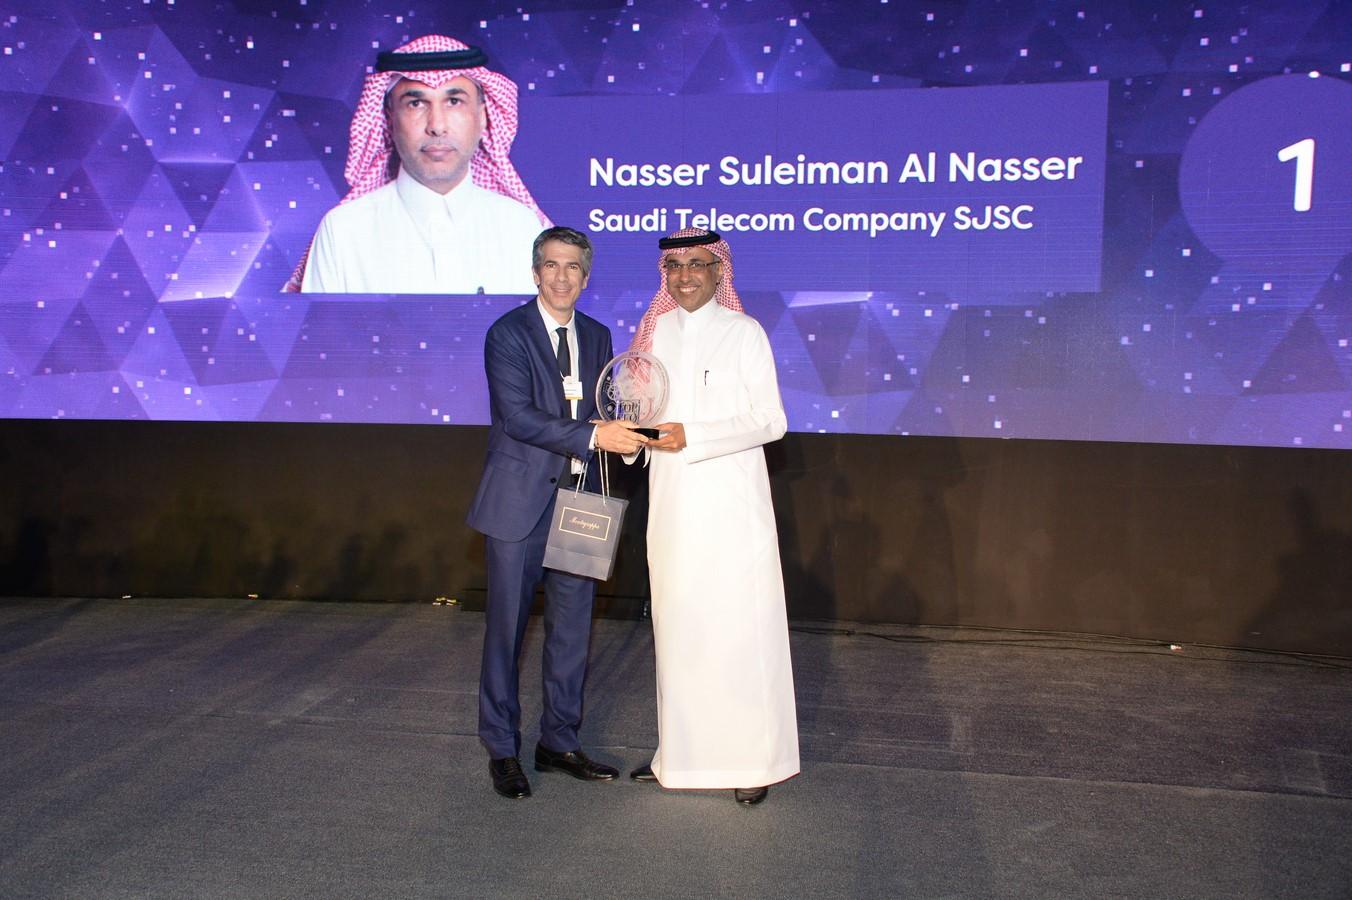 ناصر الناصر الرئيس التنفيذي لمجموعة الاتصالات السعودية